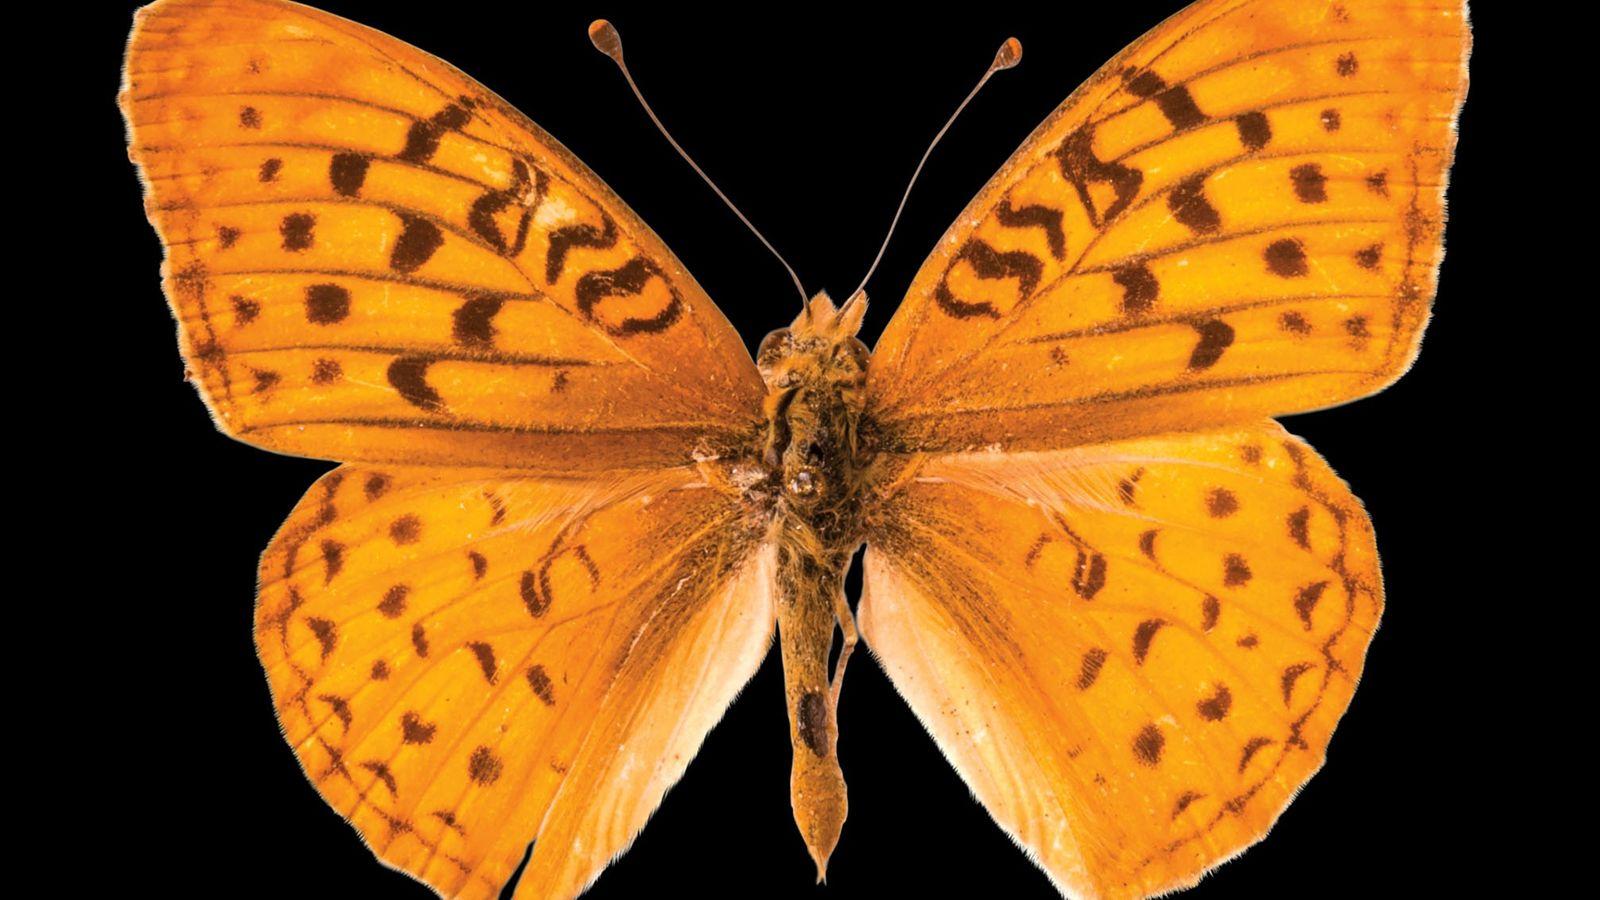 Speyeria adiaste atossa (não foi avaliada) Esta borboleta da Califórnia perdeu o seu habitat devido às pastagens ...